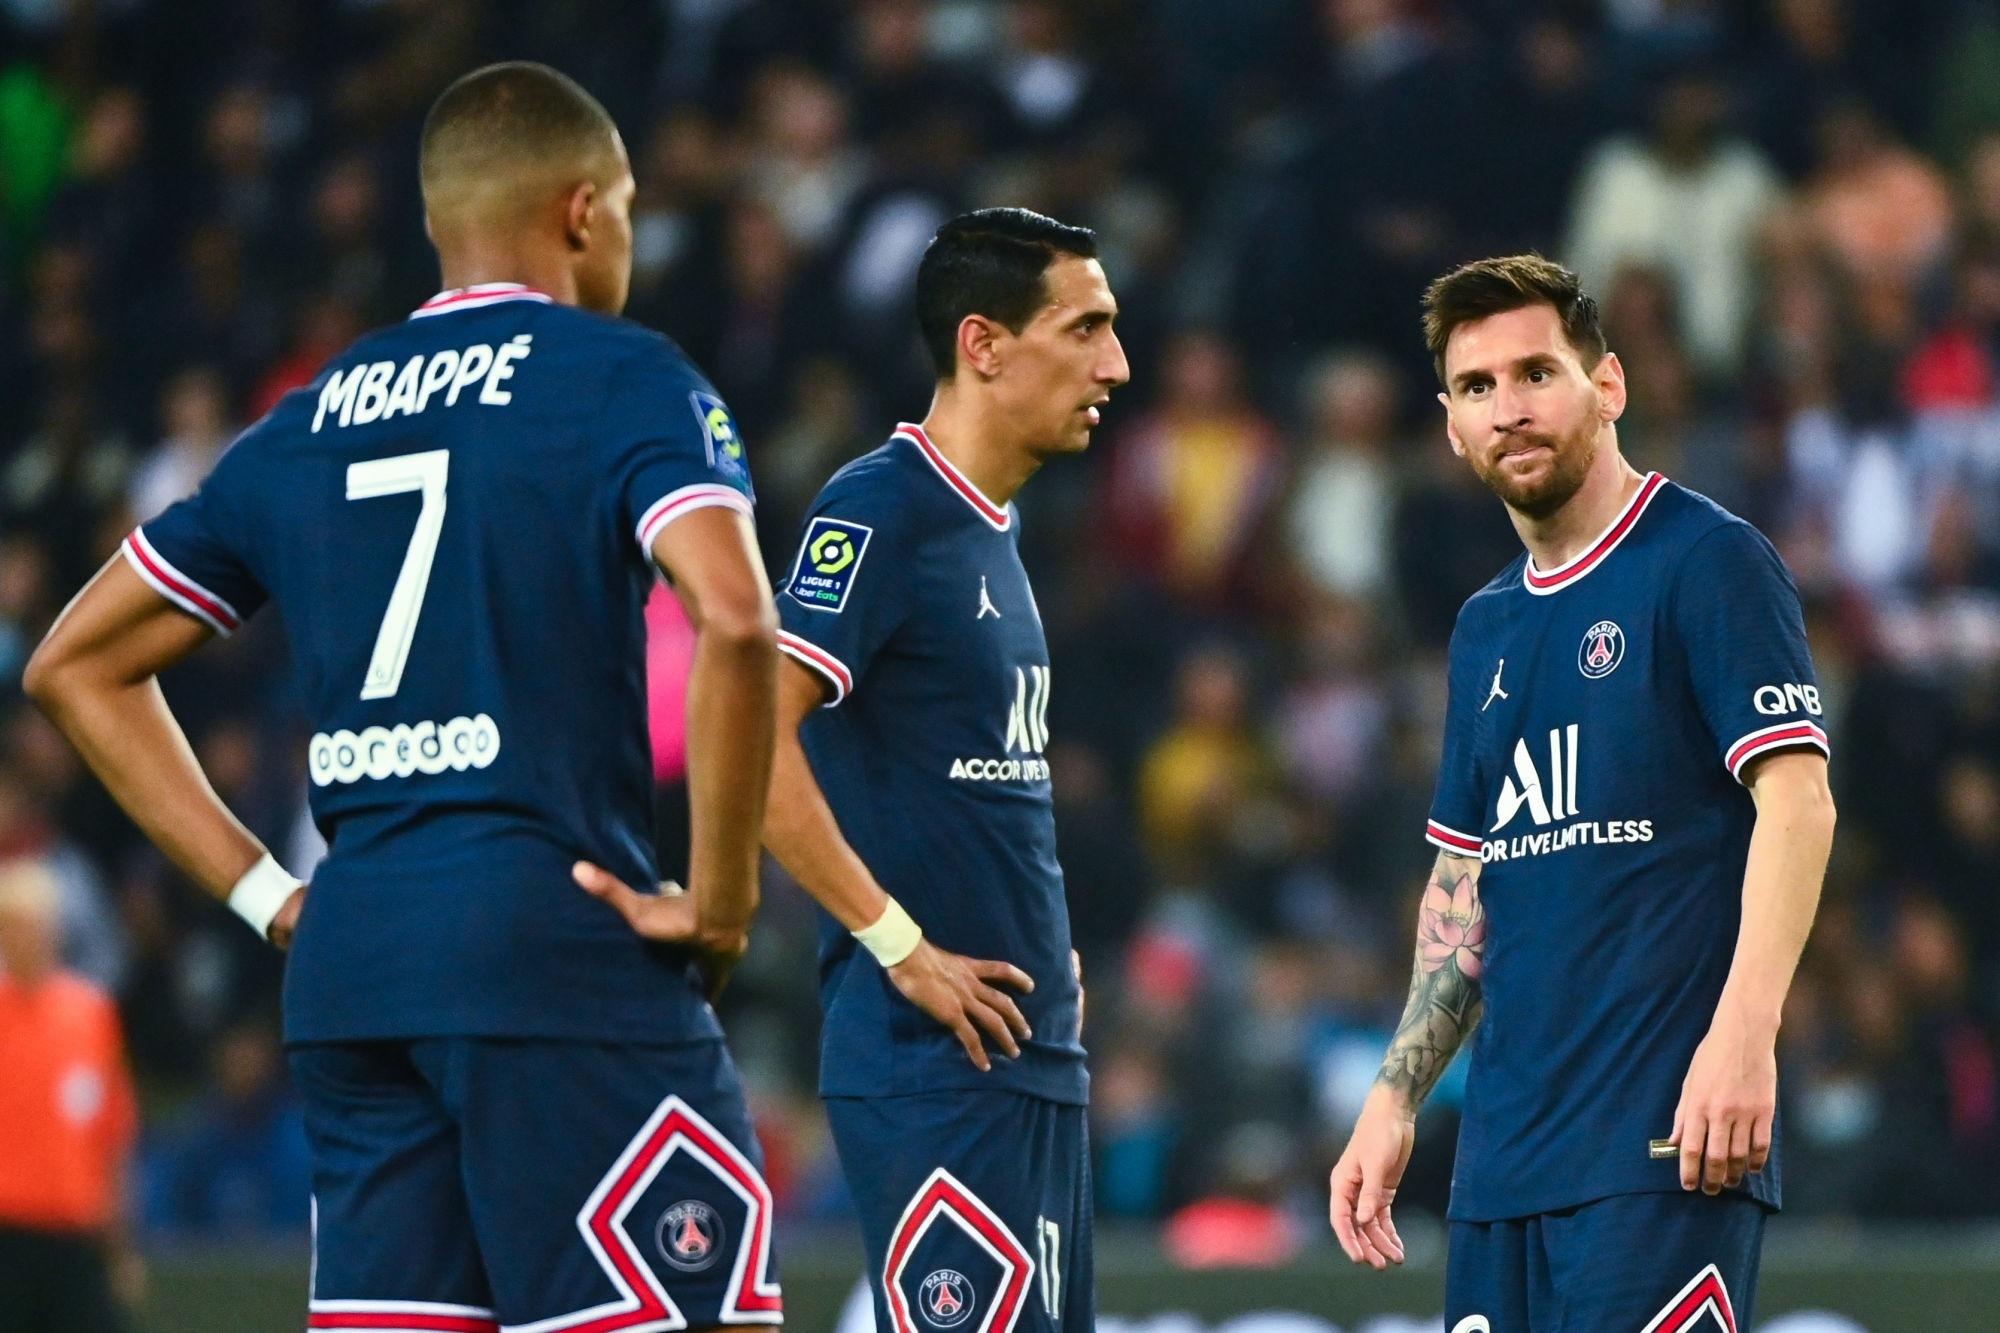 Mbappé «n'est pas prêt à jouer tout seul en numéro 9», selon Rothen